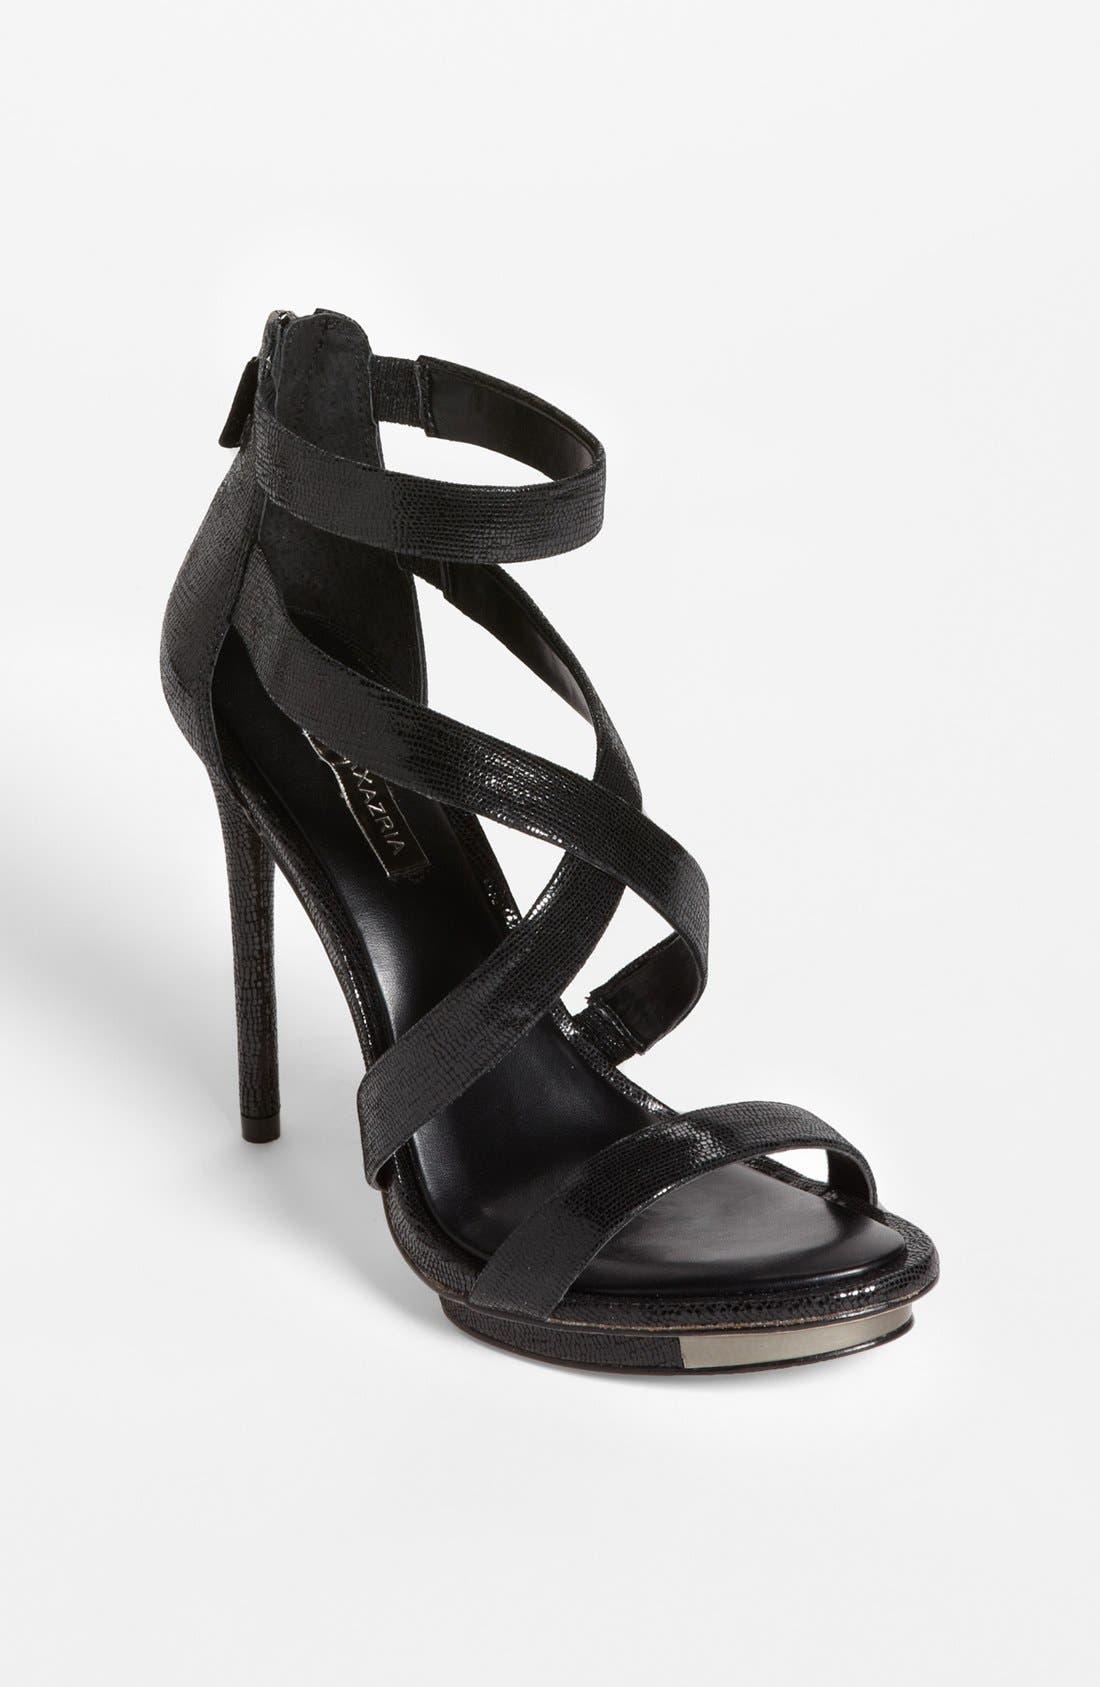 Alternate Image 1 Selected - BCBGMAXAZRIA 'Lemour' Sandal